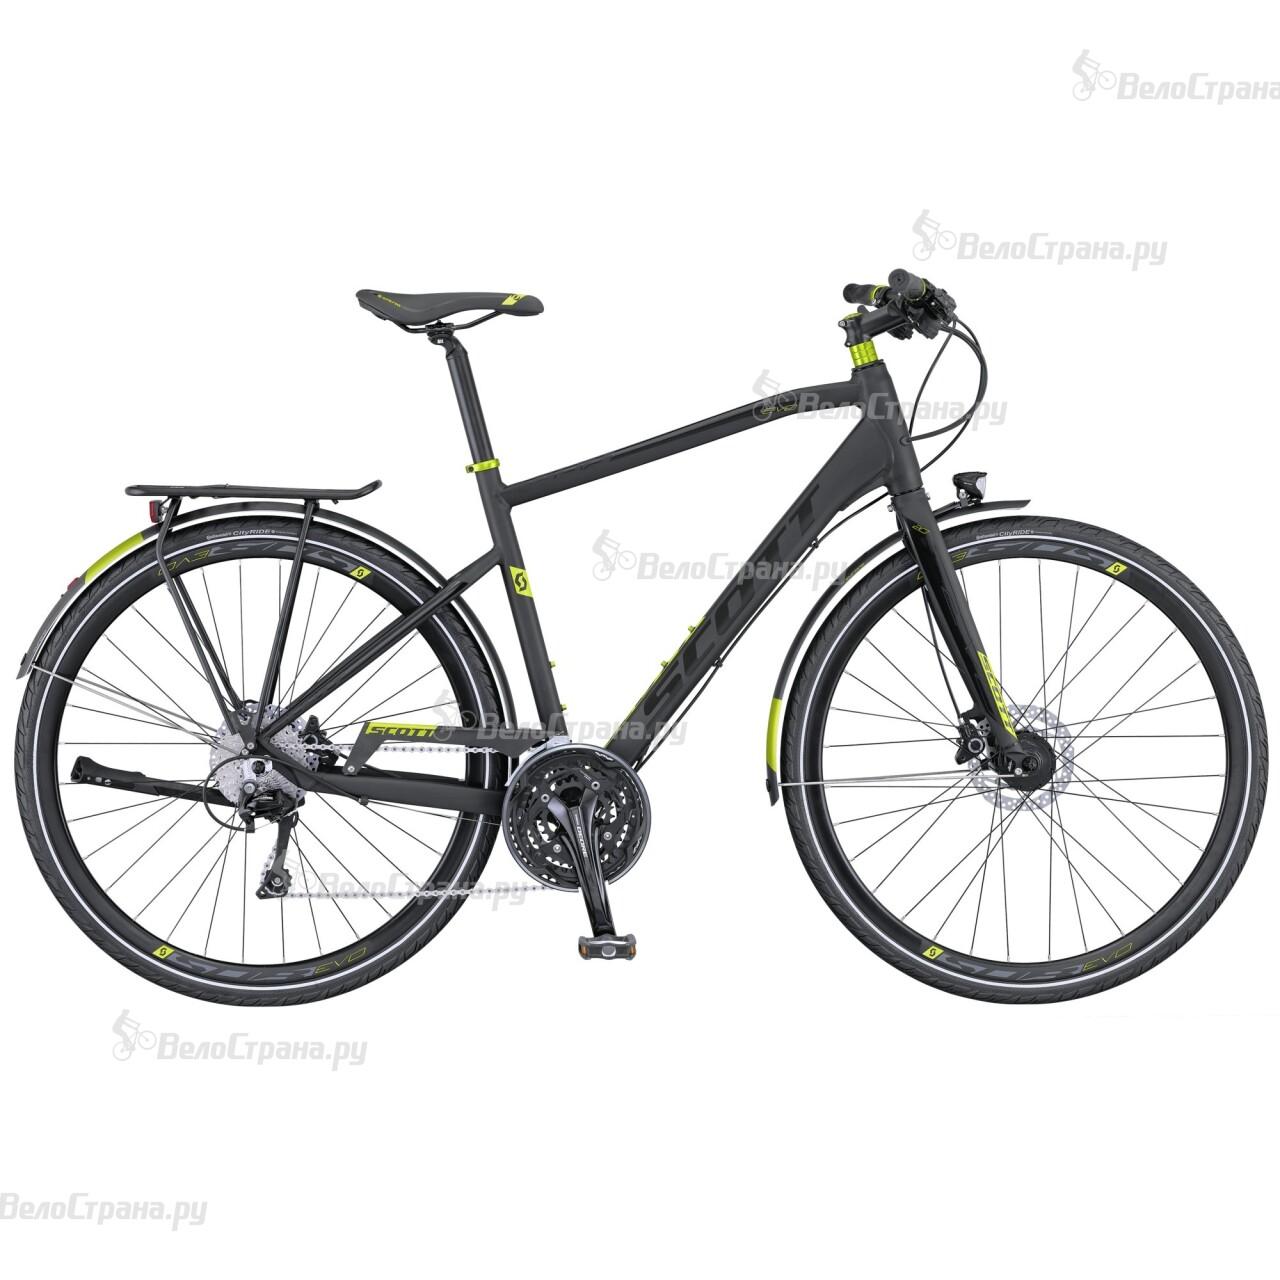 купить Велосипед Scott Sub Evo 20 (2016) дешево